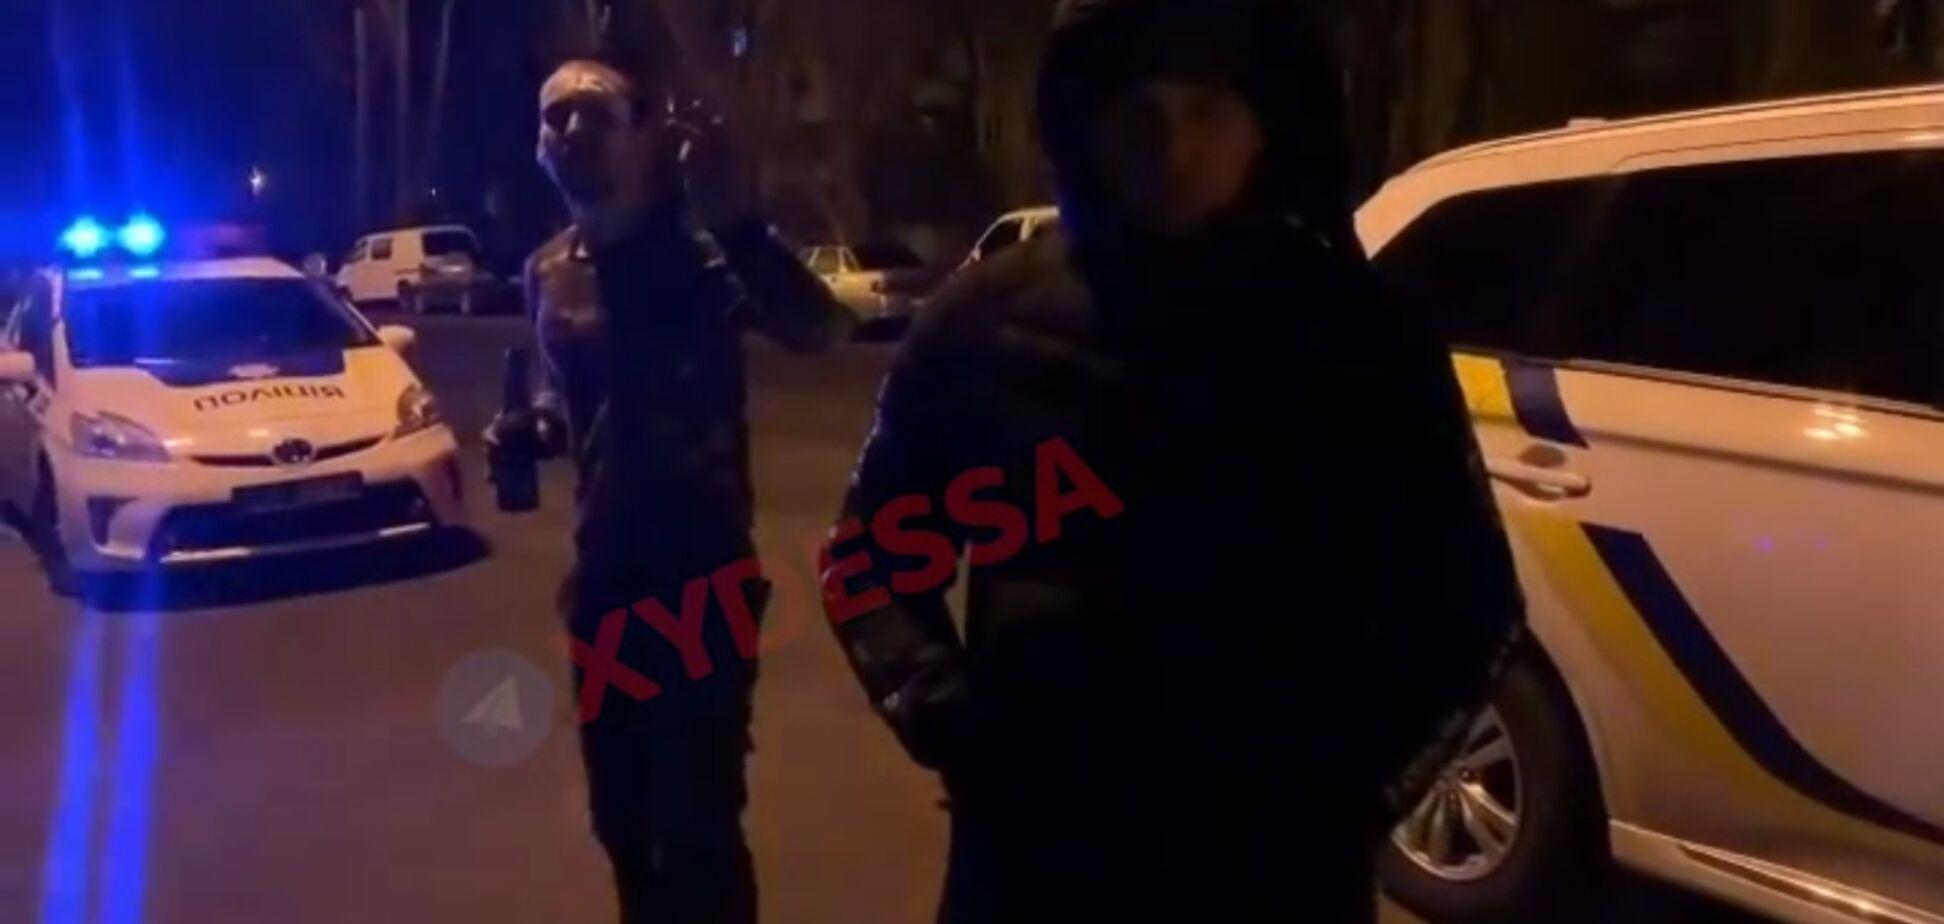 Появилось видео с виновником массового ДТП в Одессе